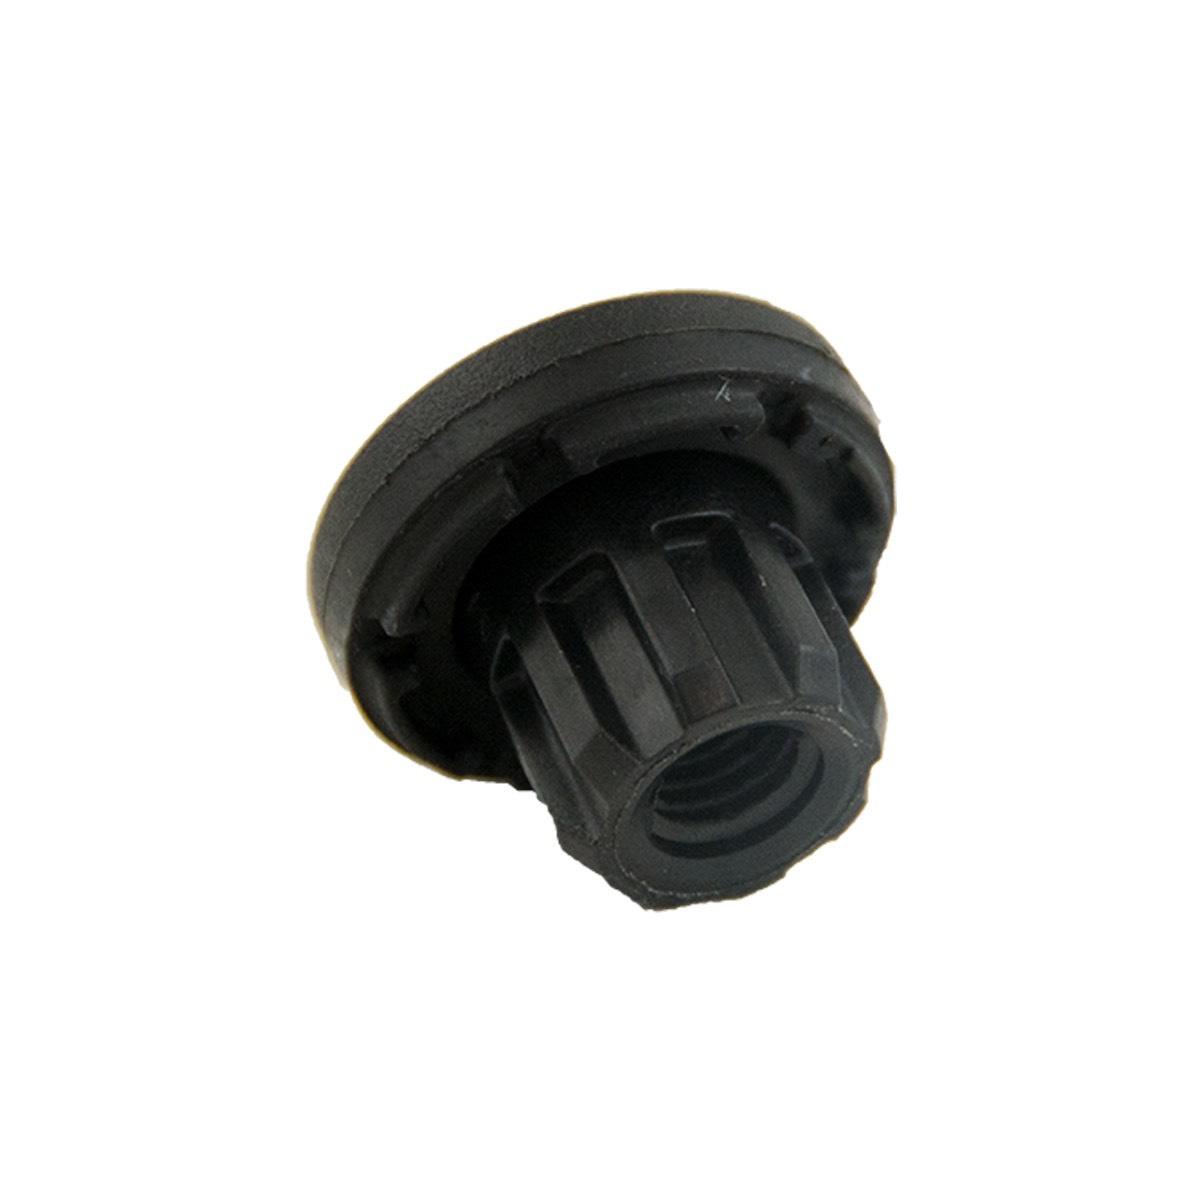 4002-0054, Spline Yoke Nut for GPZ 7000